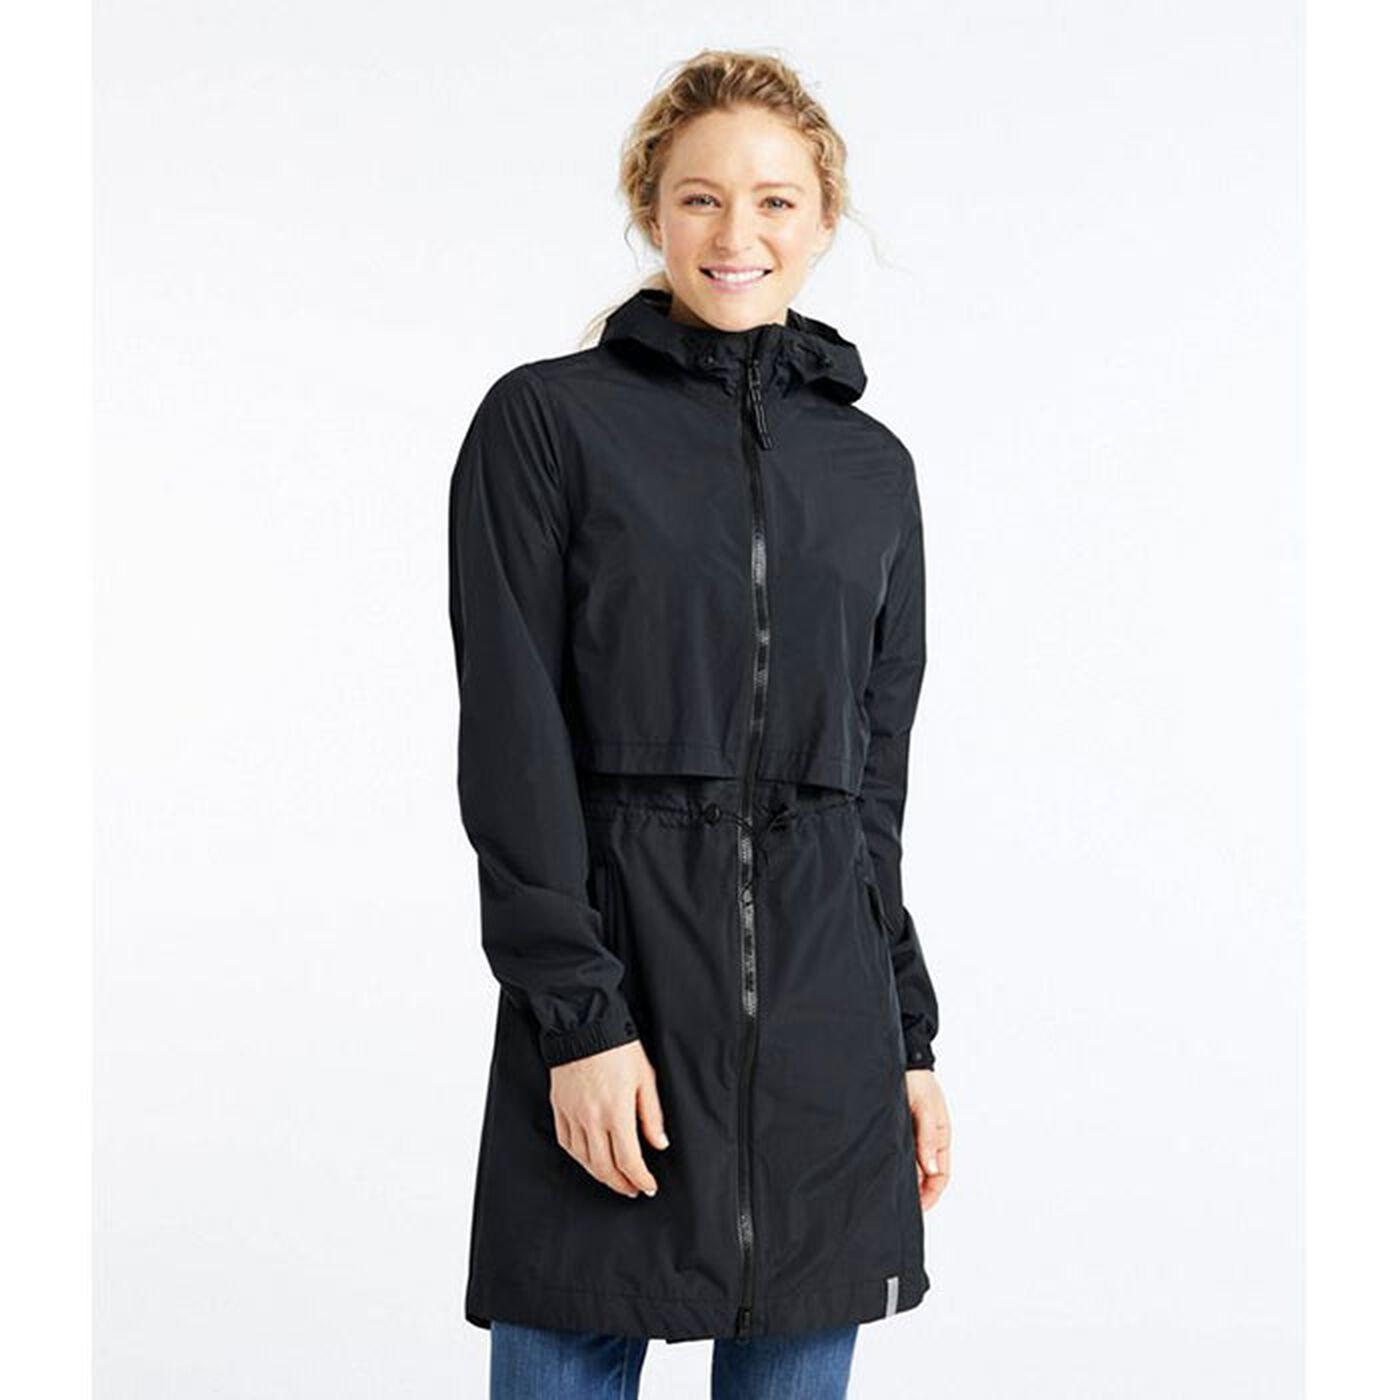 Women's Meridian Rain Coat | Sporting Life Online in 2020 ...